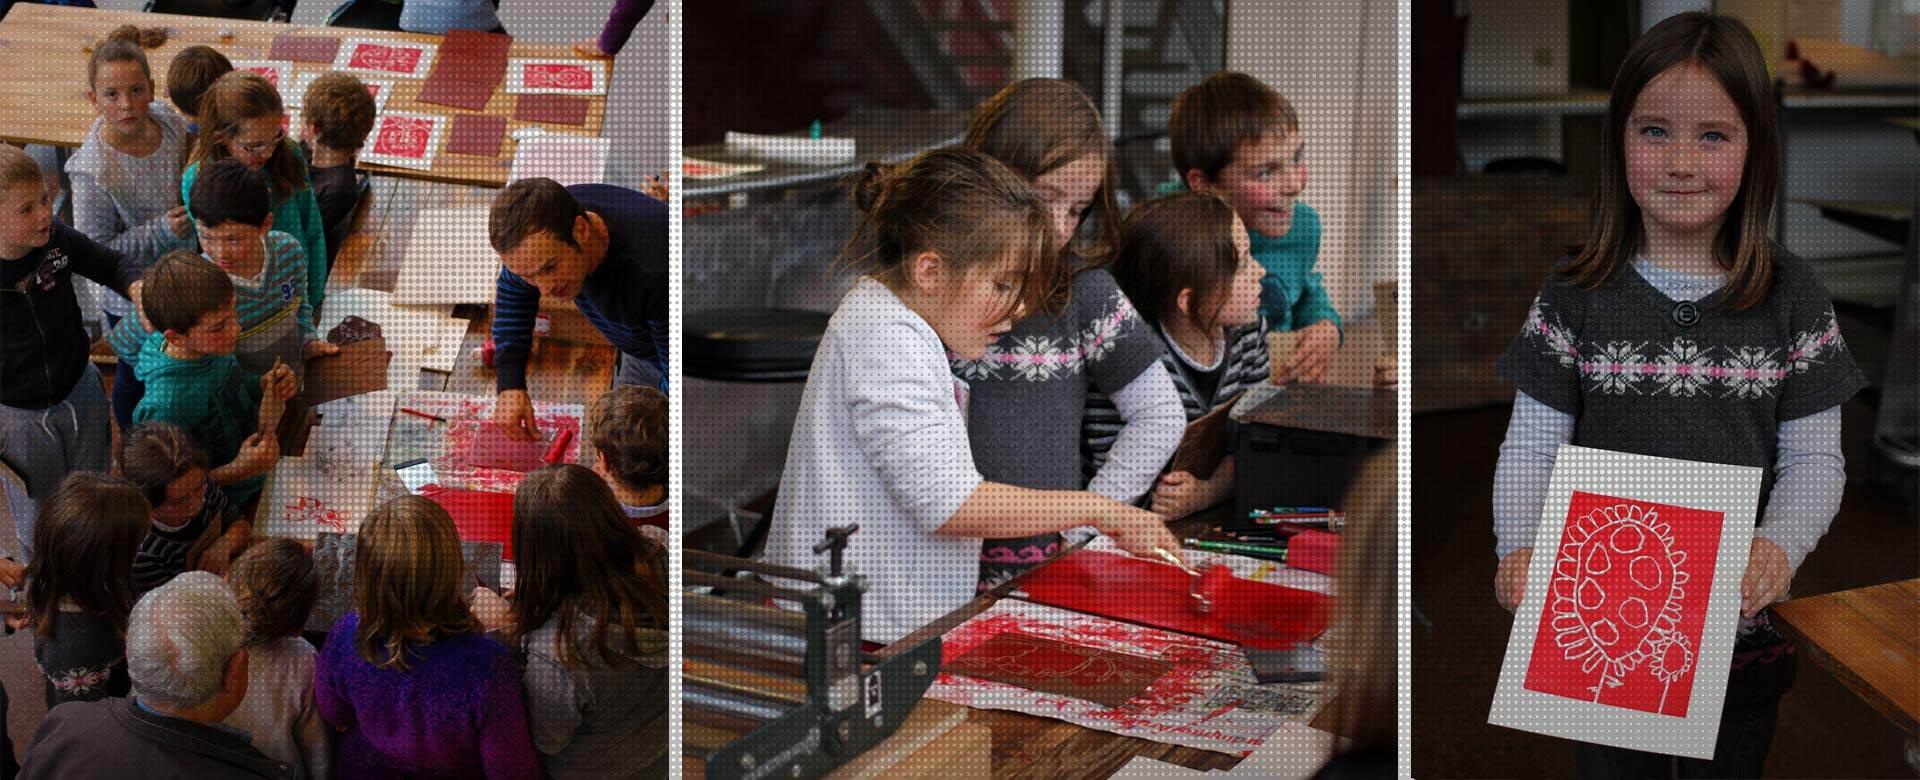 Ateliers mobiles de linogravure Linocutfactory. Illustration et linogravure pour tout public.